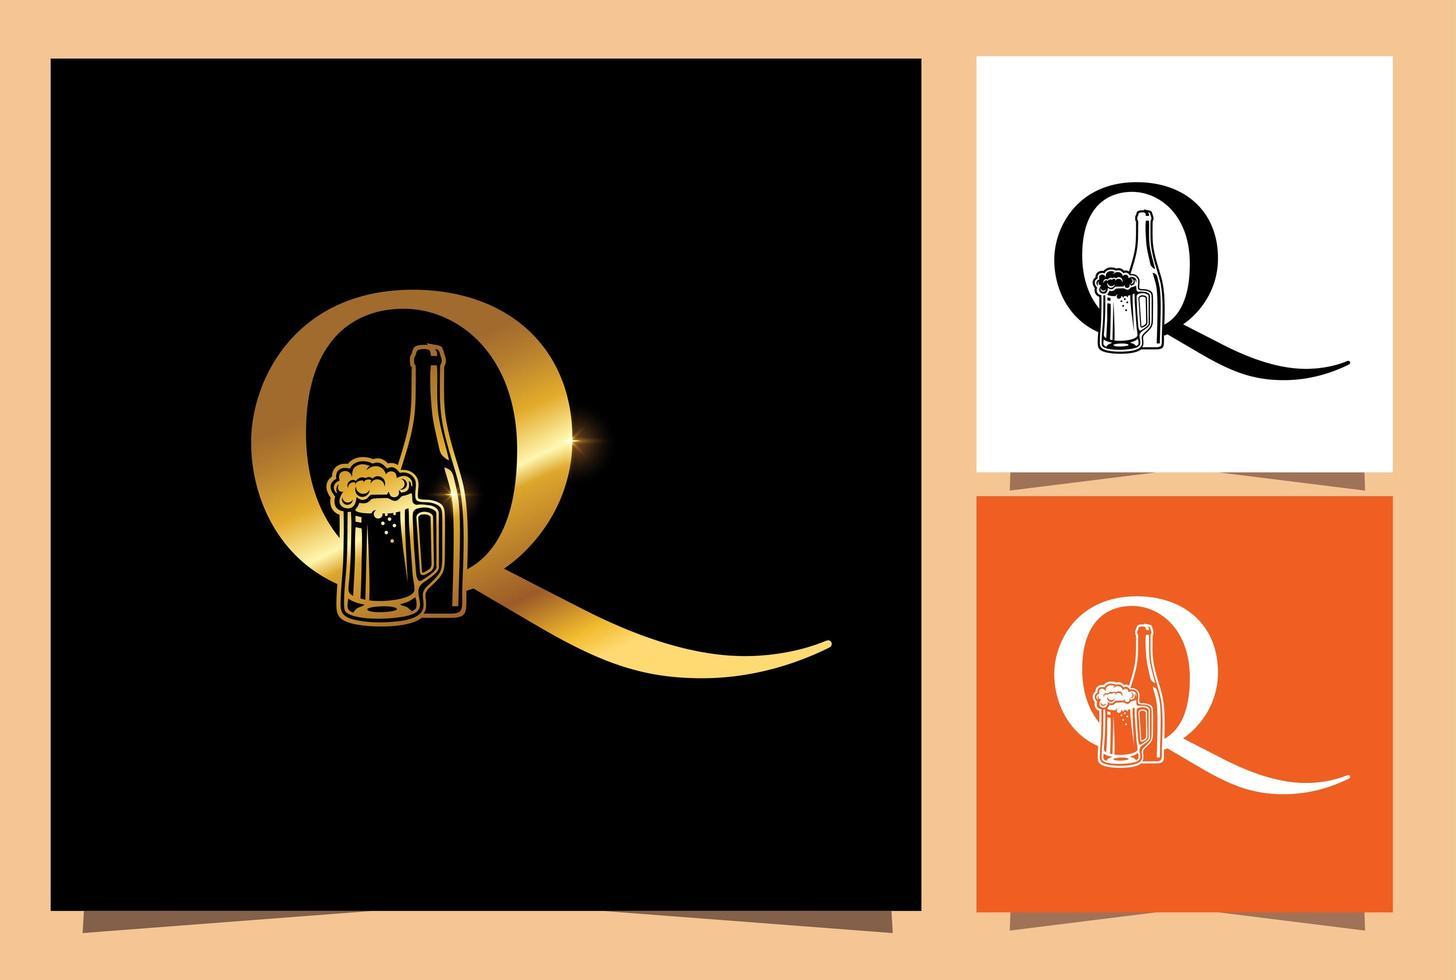 vaso y botella de oro monograma de cerveza letra inicial q vector